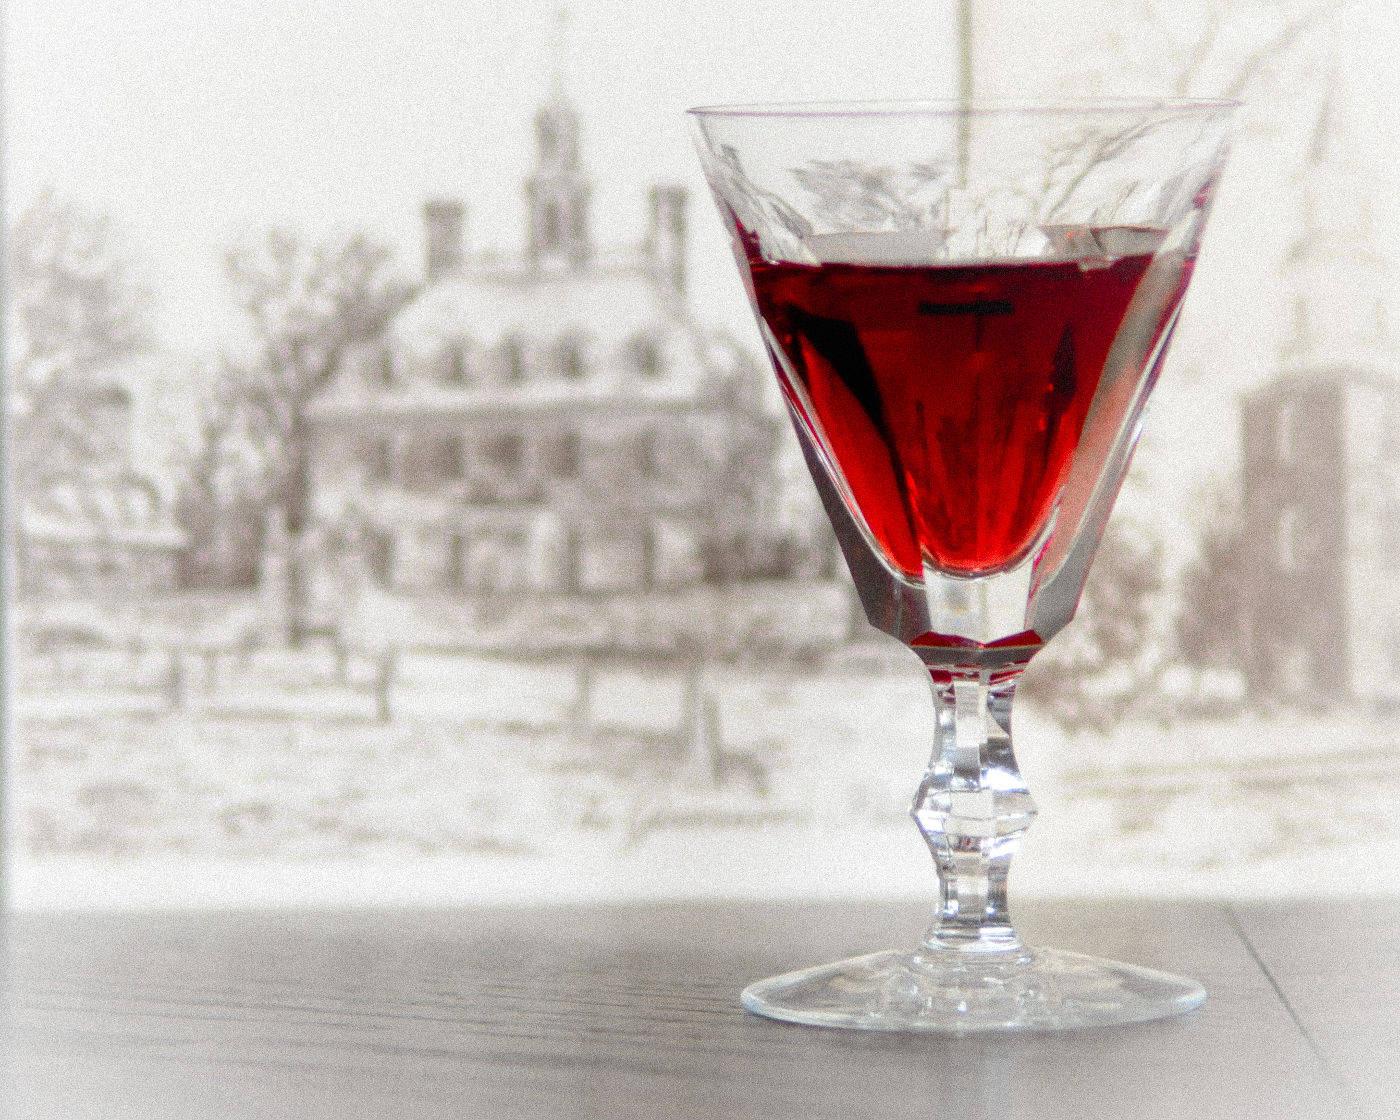 f nf kreative portwein cocktails rezepte gentle drinks. Black Bedroom Furniture Sets. Home Design Ideas